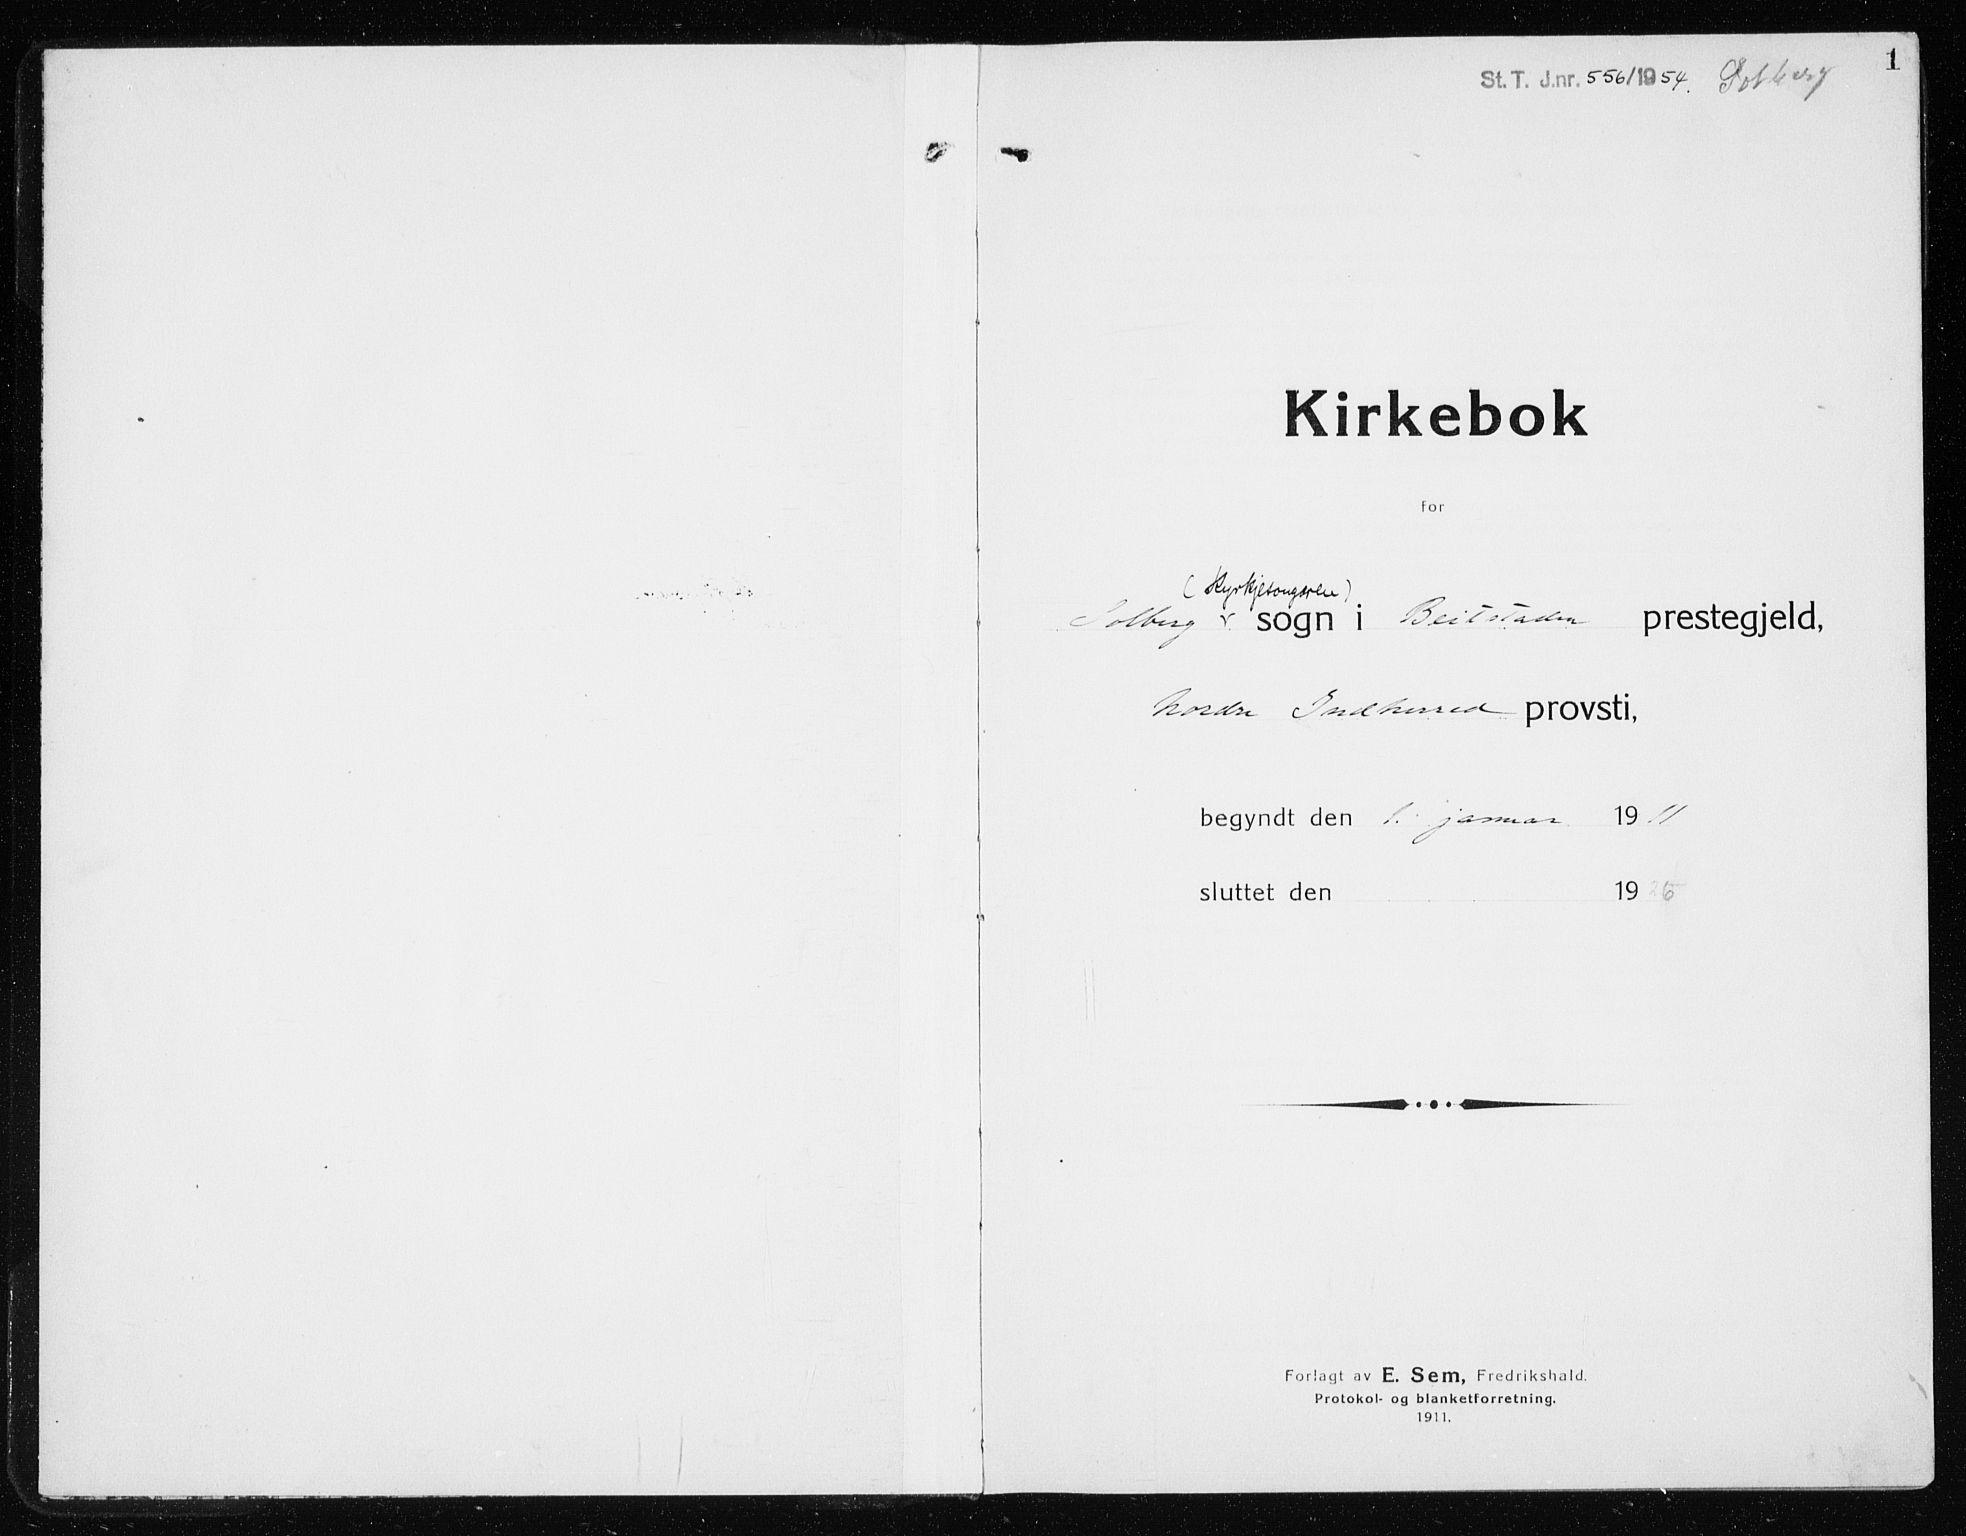 SAT, Ministerialprotokoller, klokkerbøker og fødselsregistre - Nord-Trøndelag, 741/L0402: Klokkerbok nr. 741C03, 1911-1926, s. 1